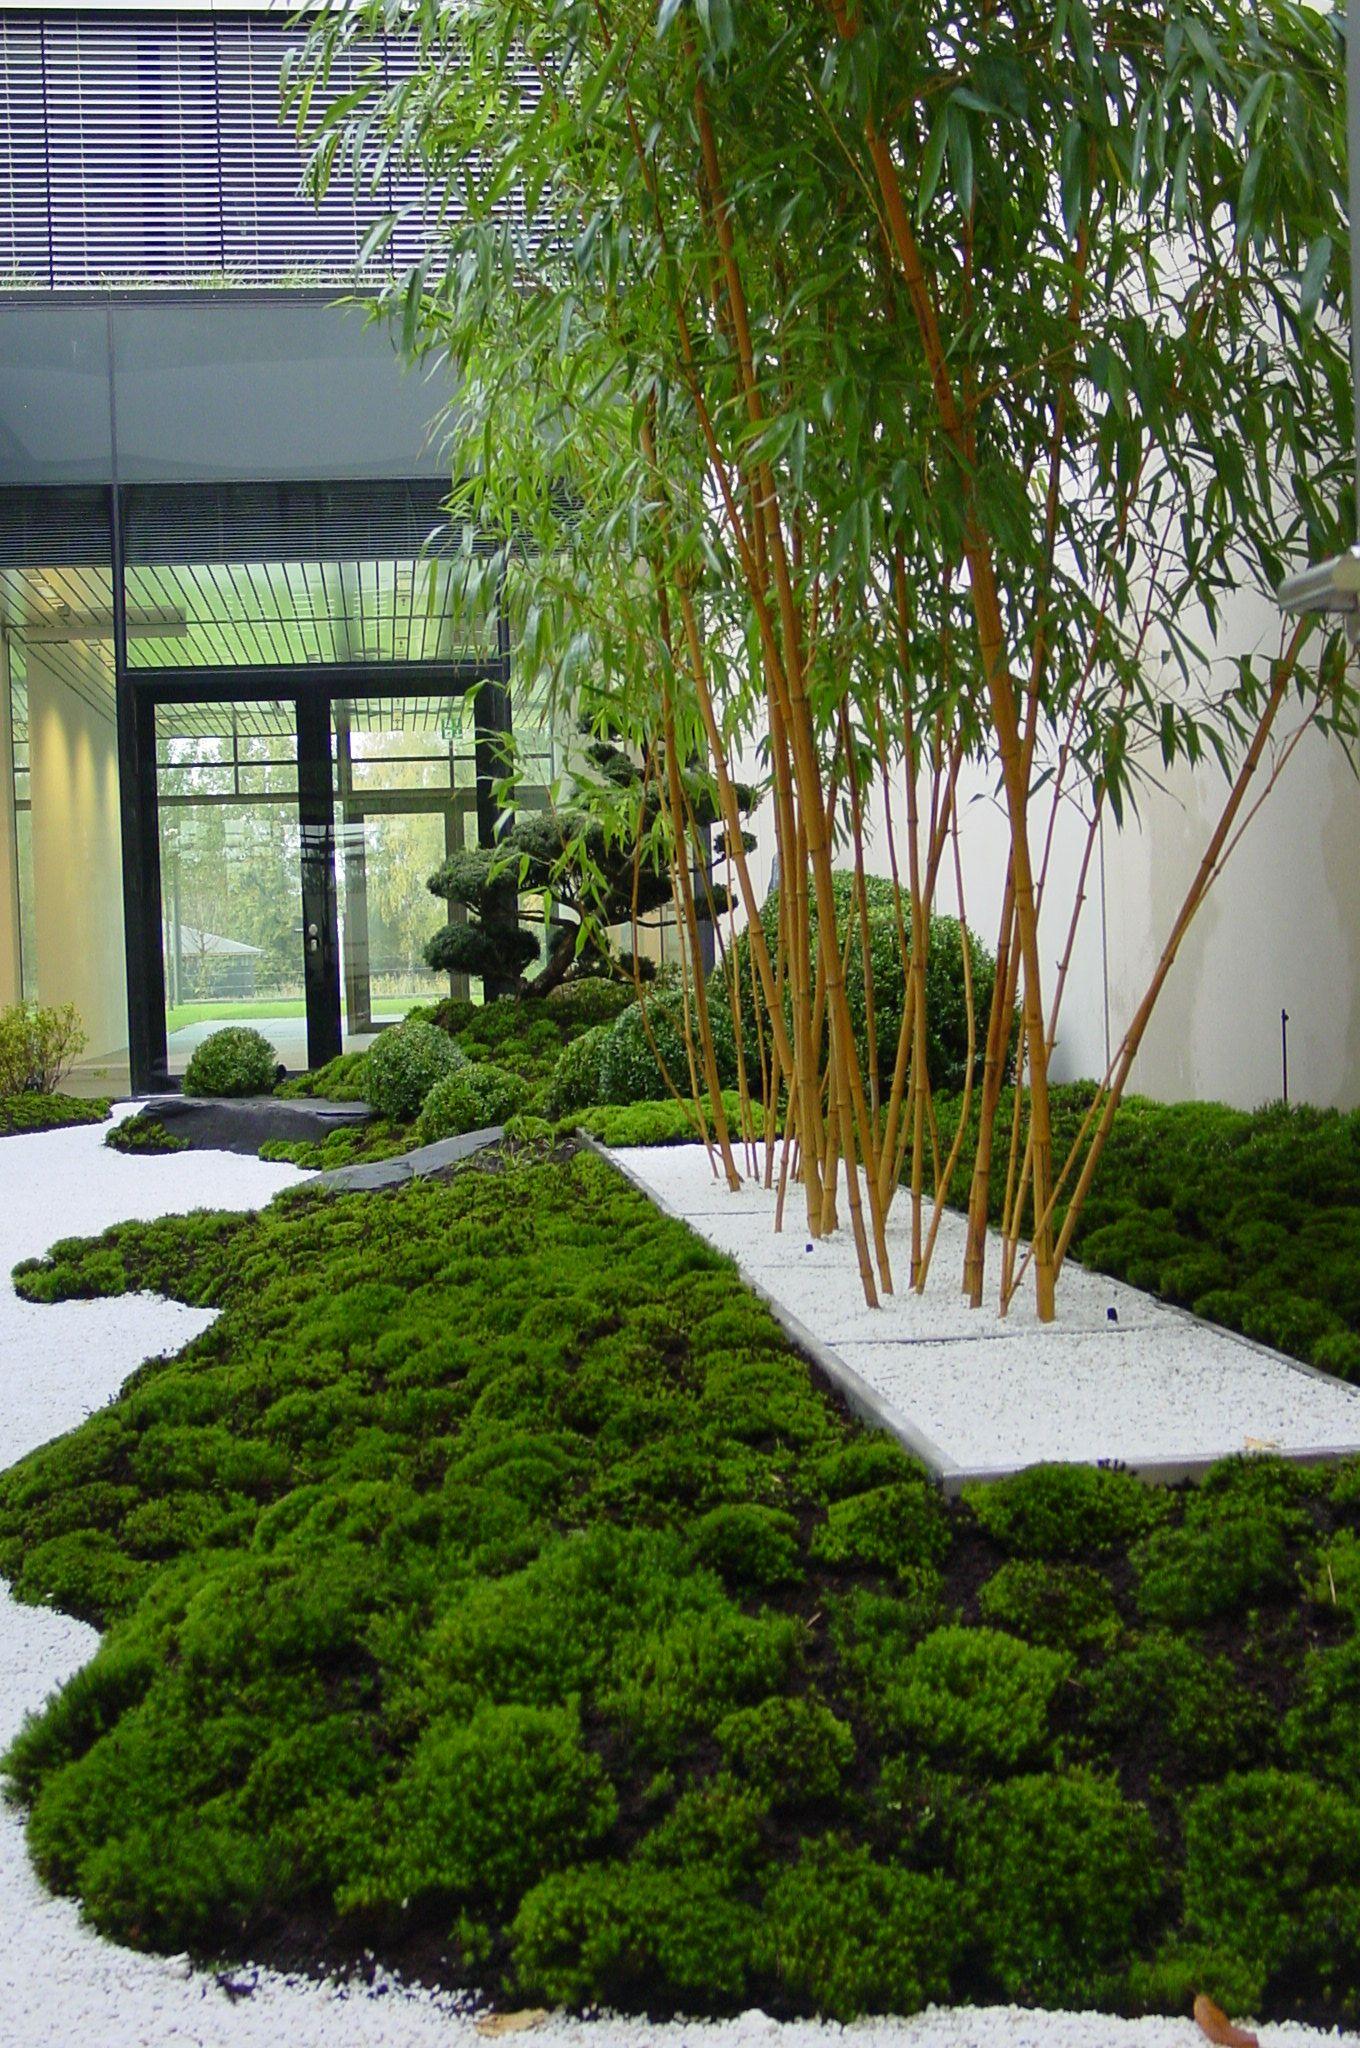 Atriumgarten auf einer Fläche von ca 90 m² innerhalb eines